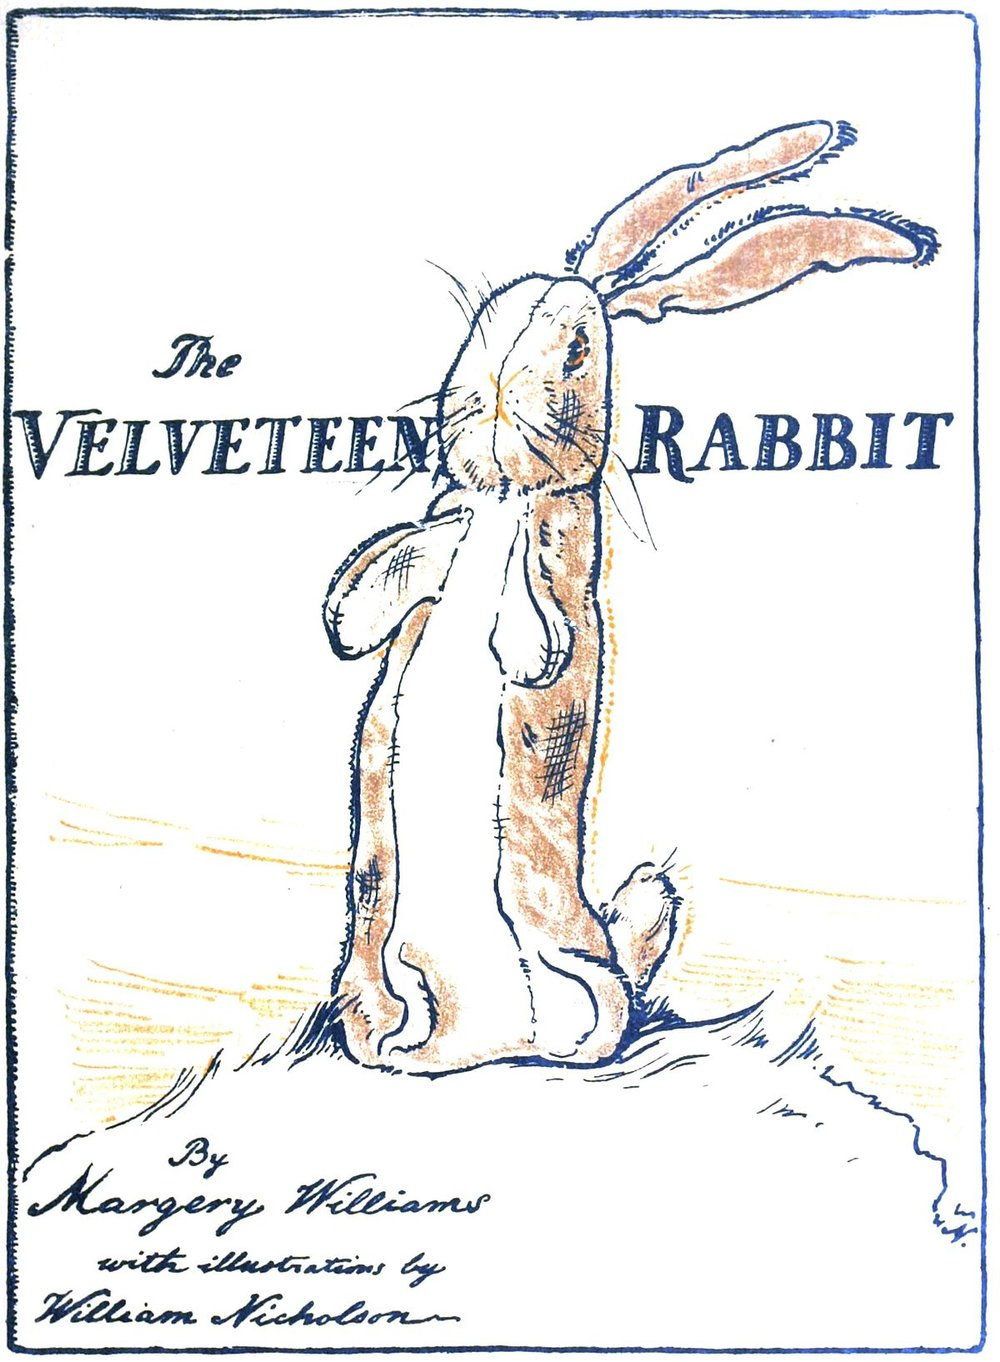 velveteen rabbit.jpg